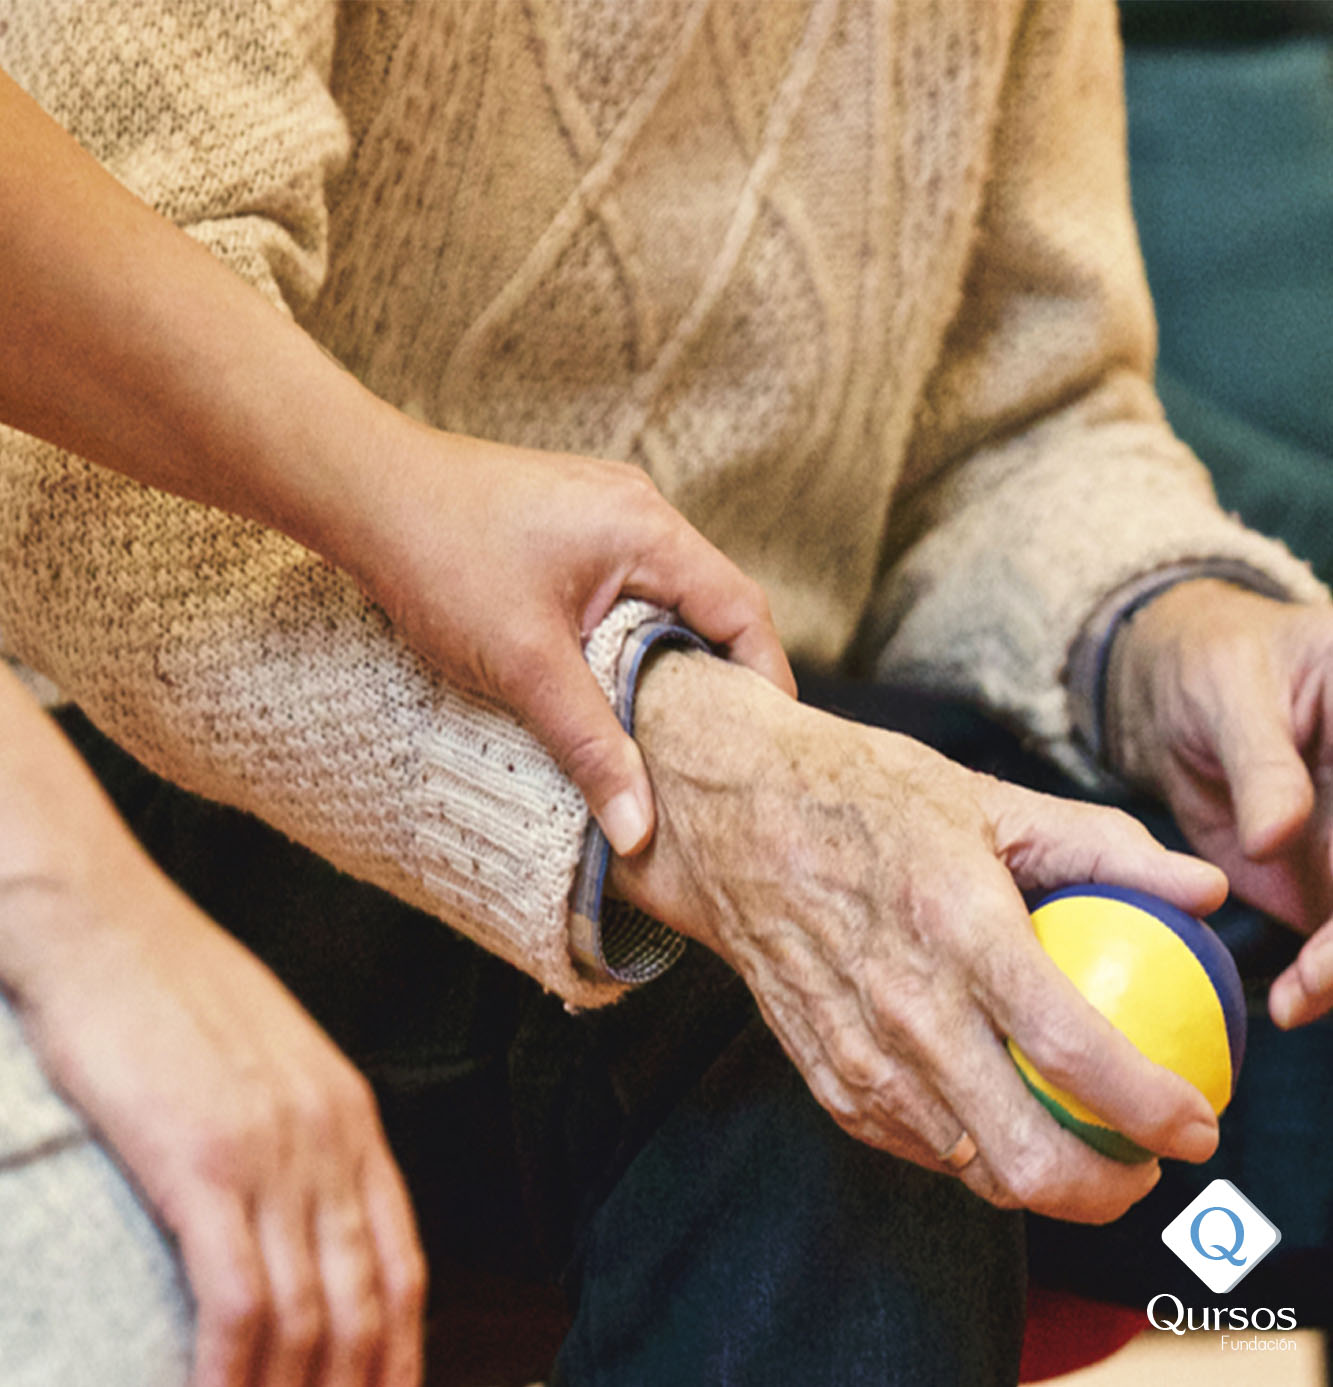 Atención y cuidados del paciente con Alzheimer